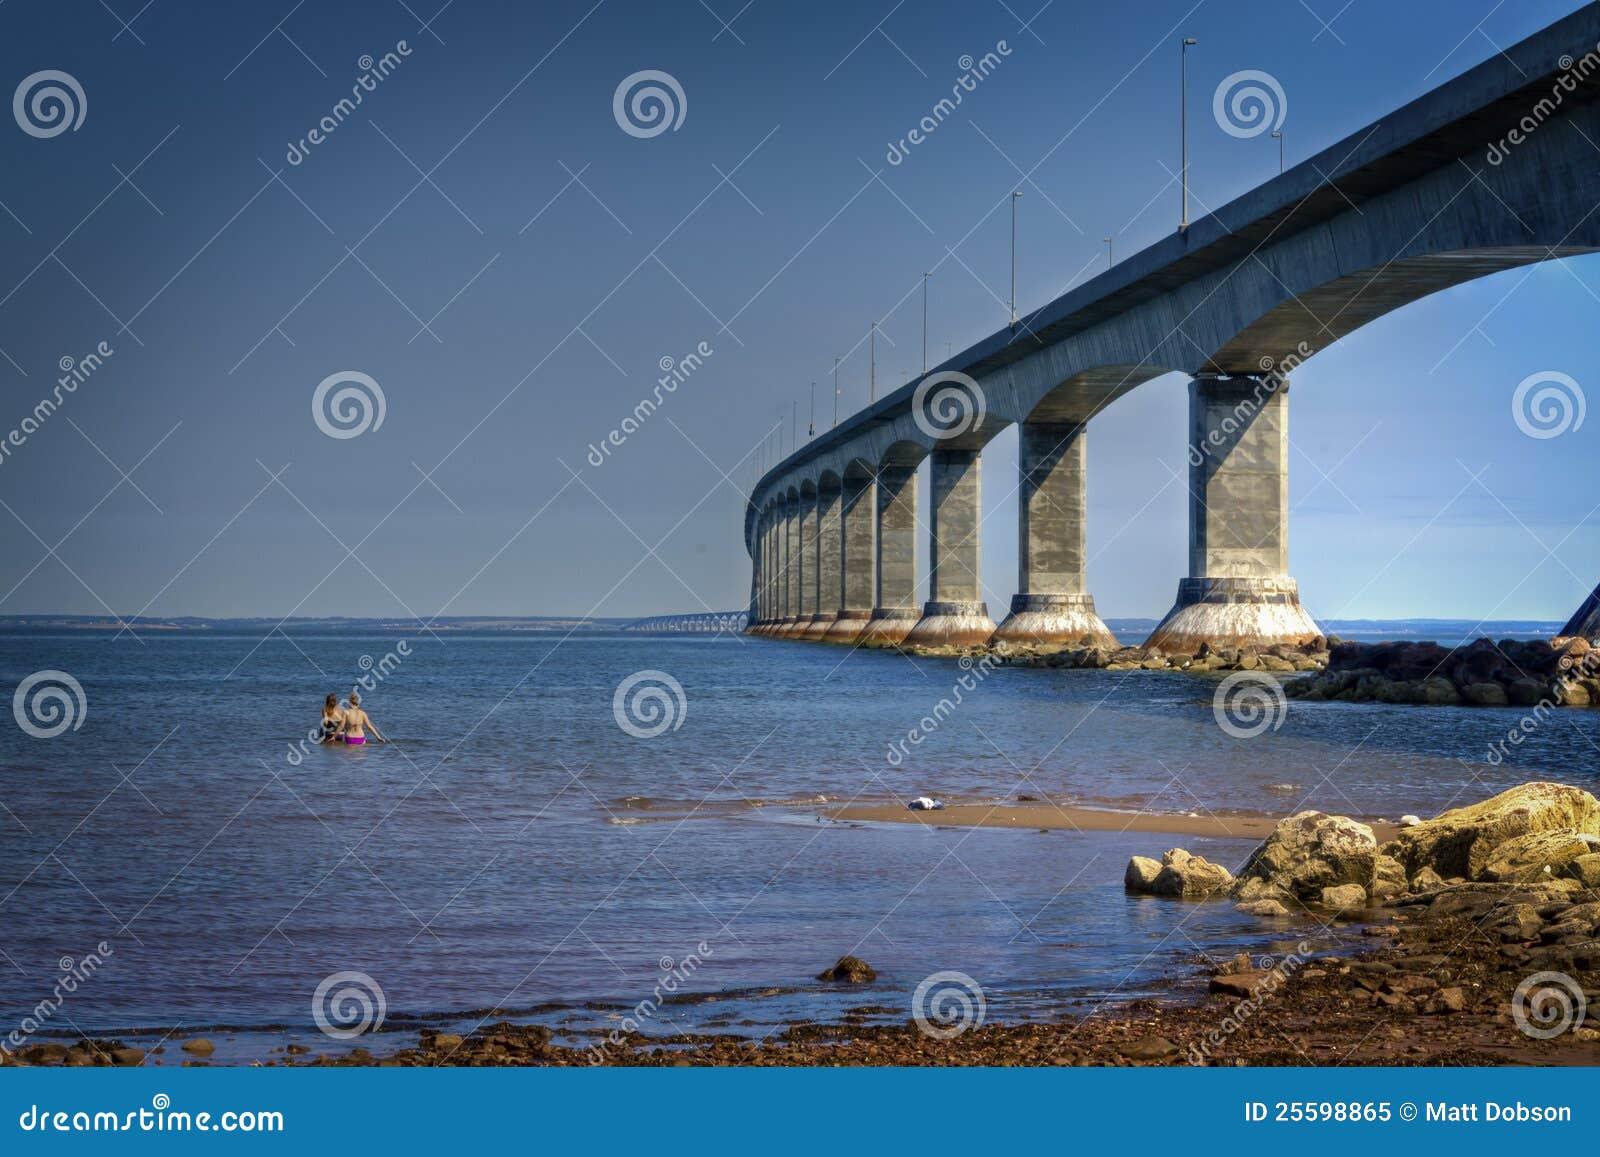 Confederation Bridge, PEI, Canada